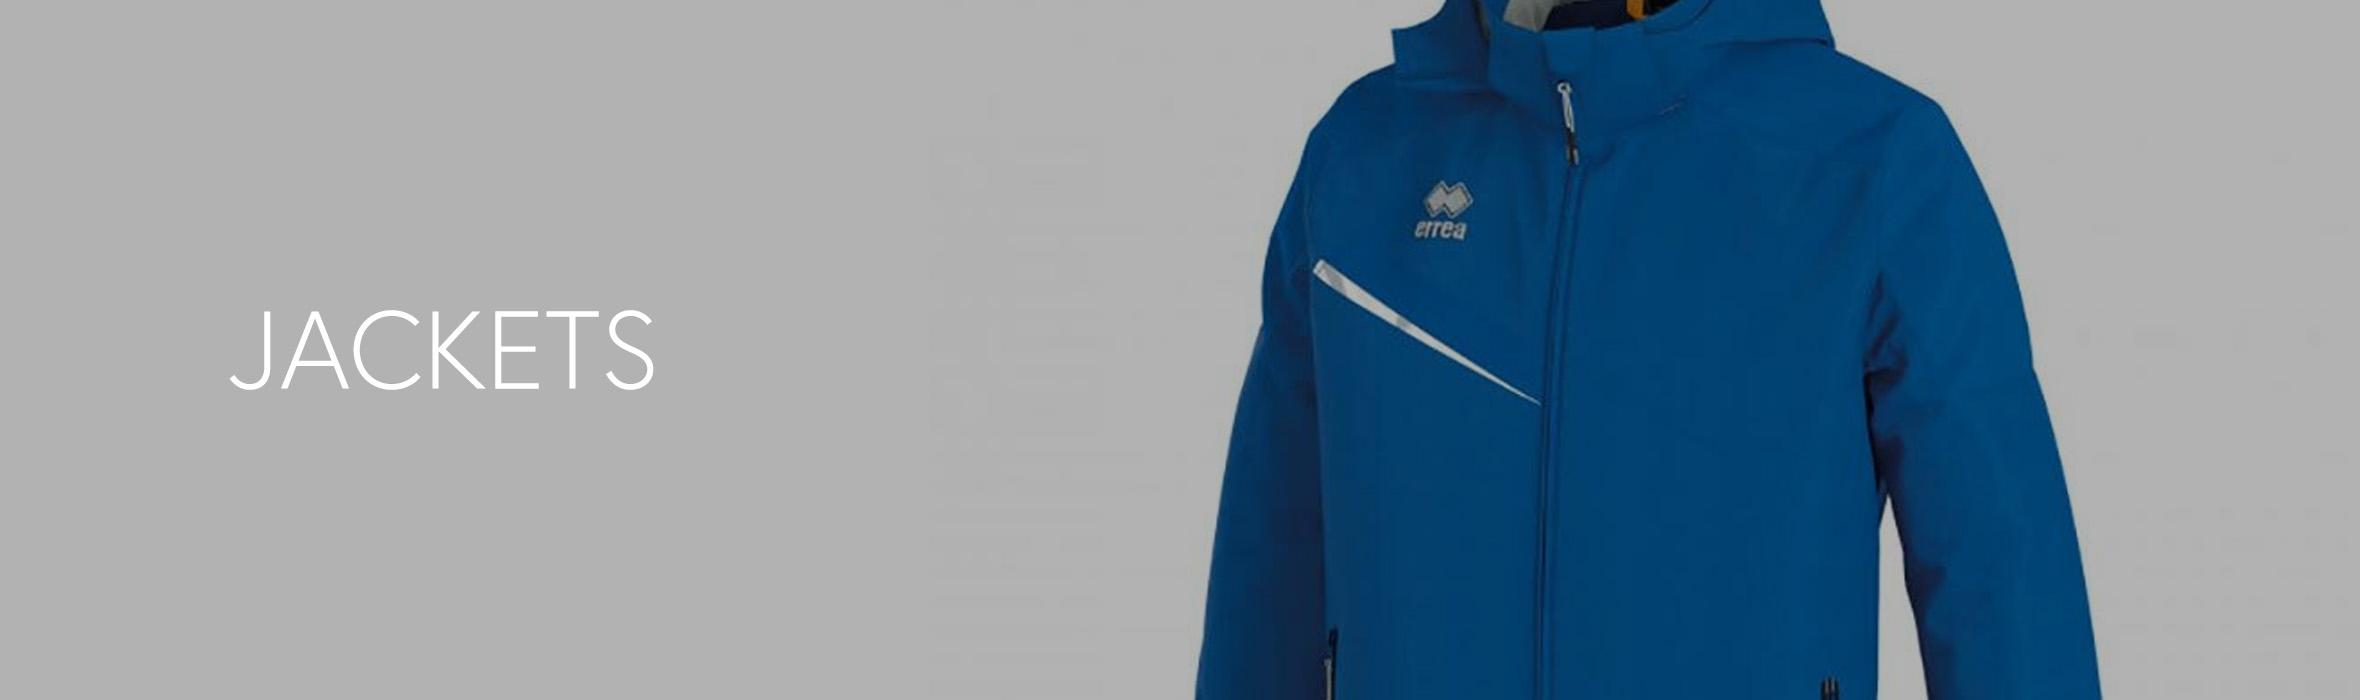 jackets-2021-errea.jpg